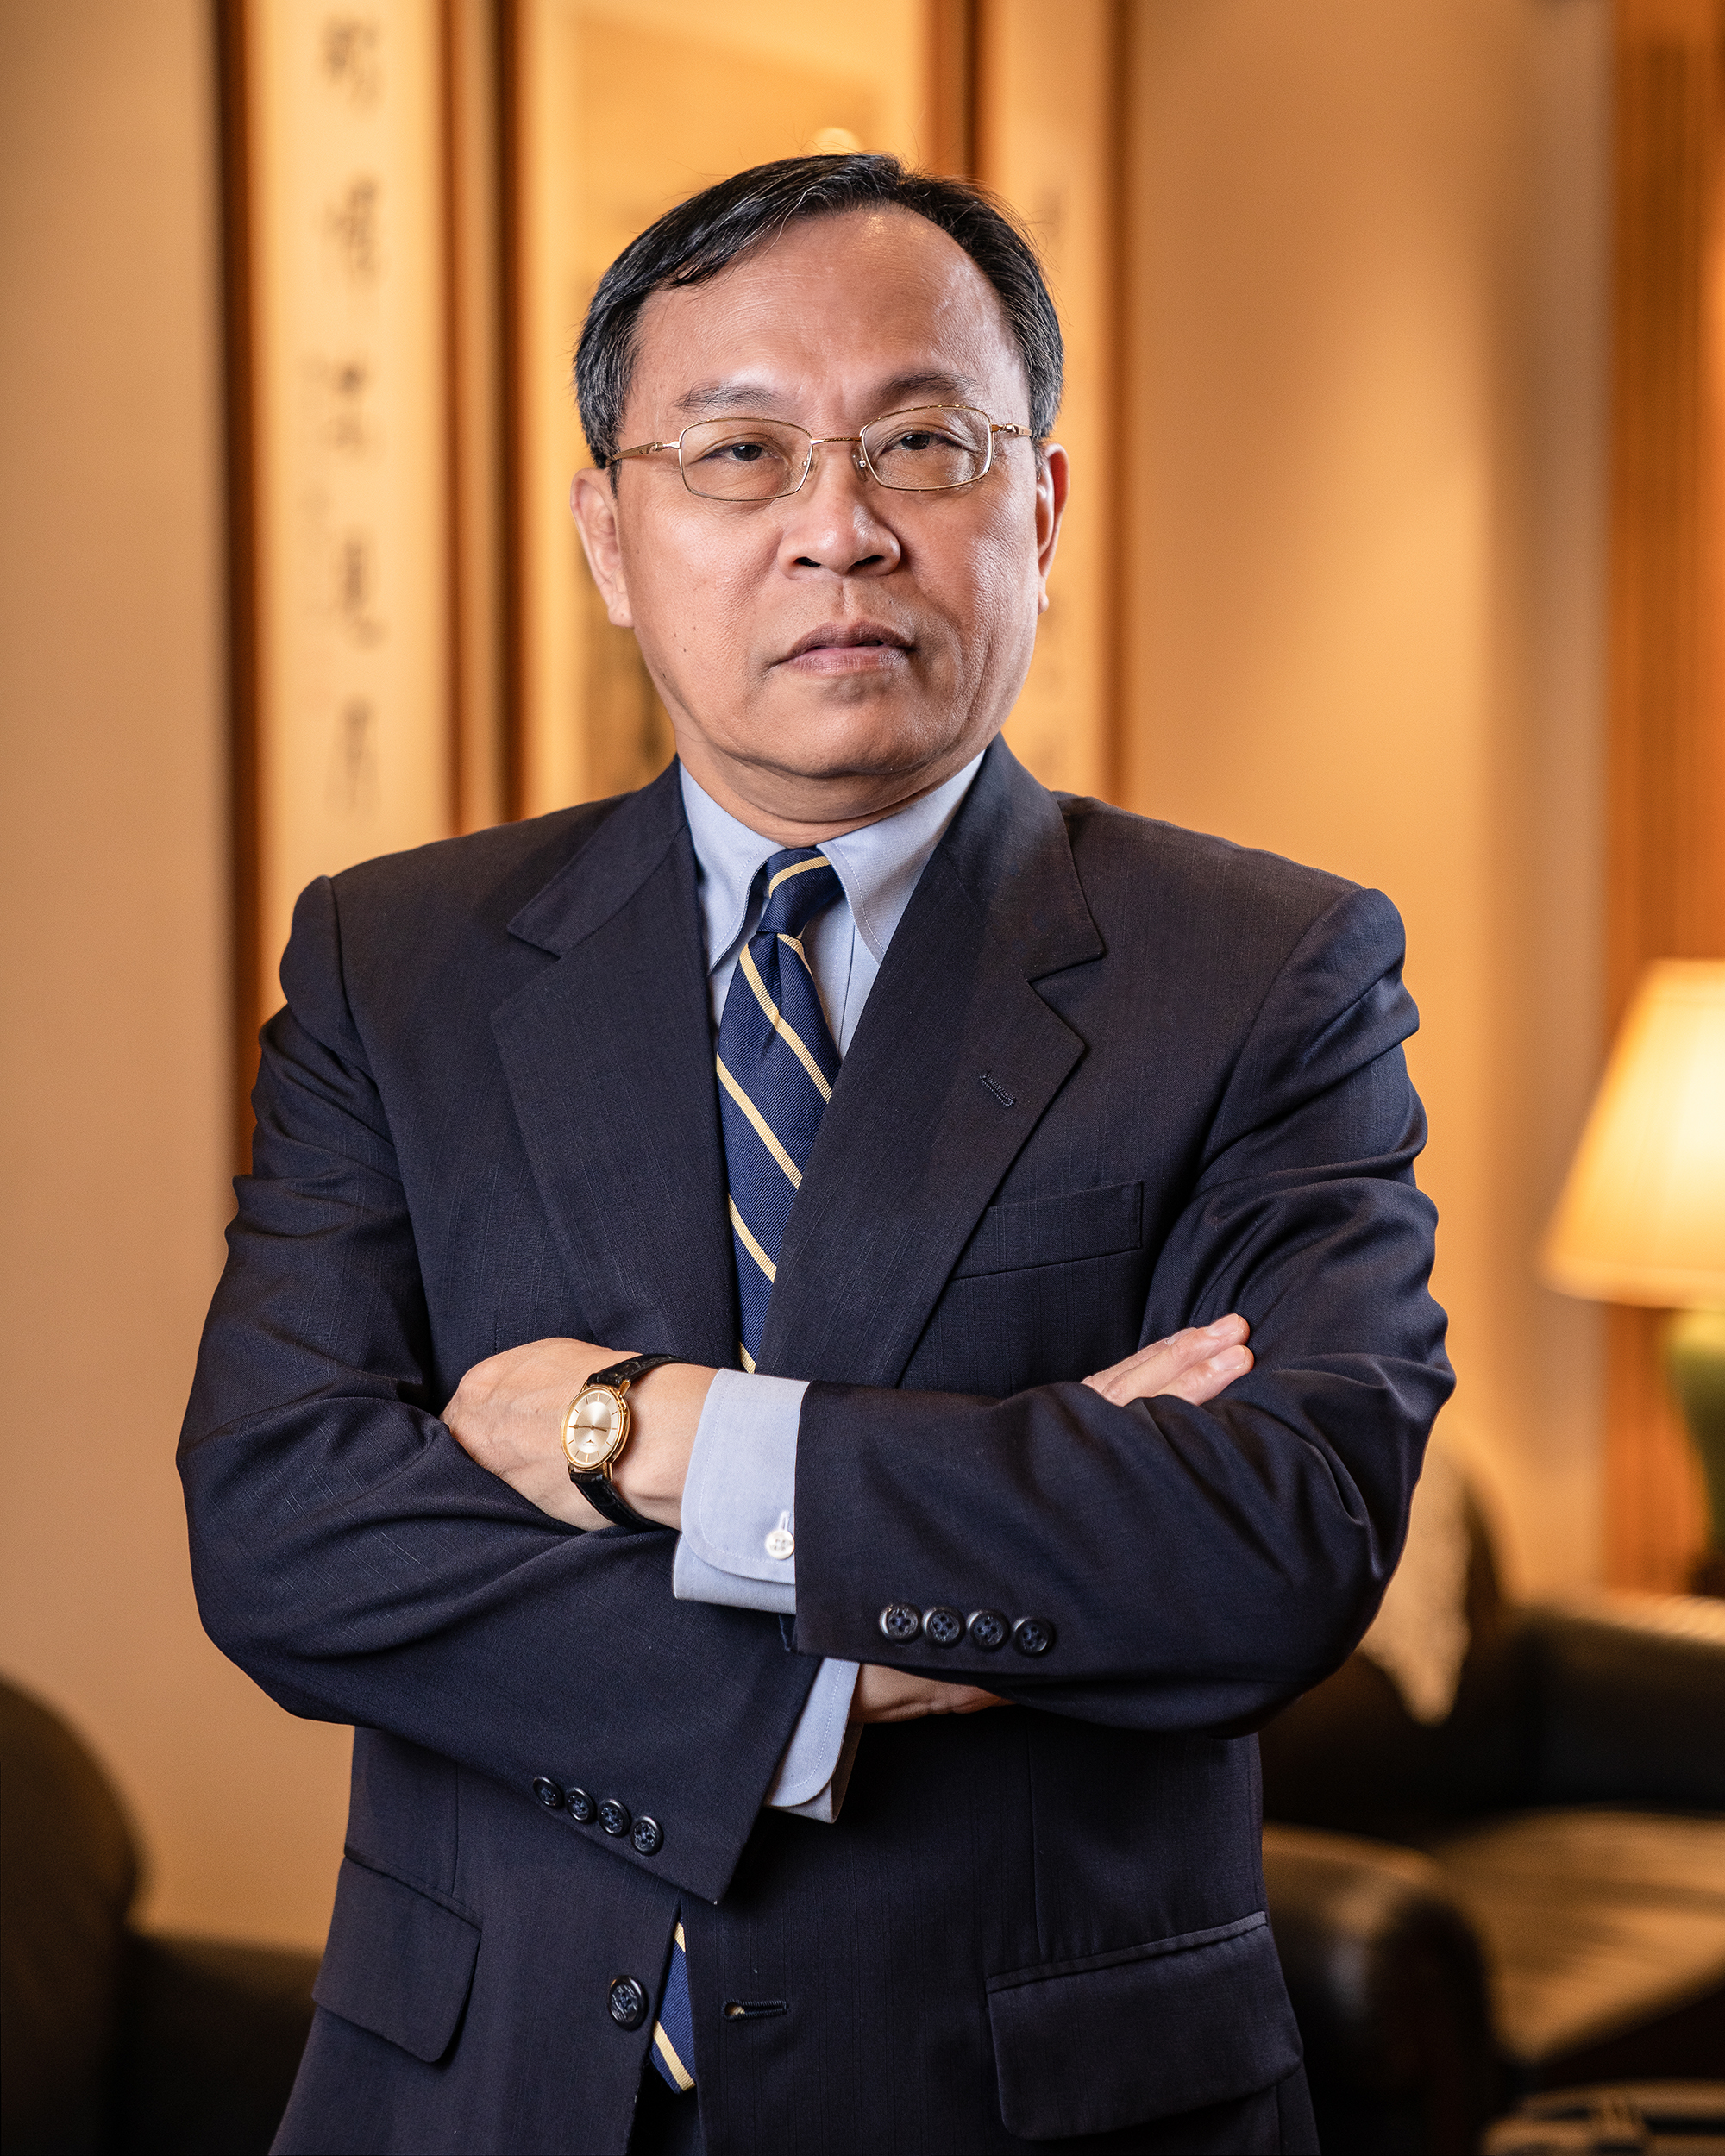 專業形象照 台灣銀行董事長 呂桔誠